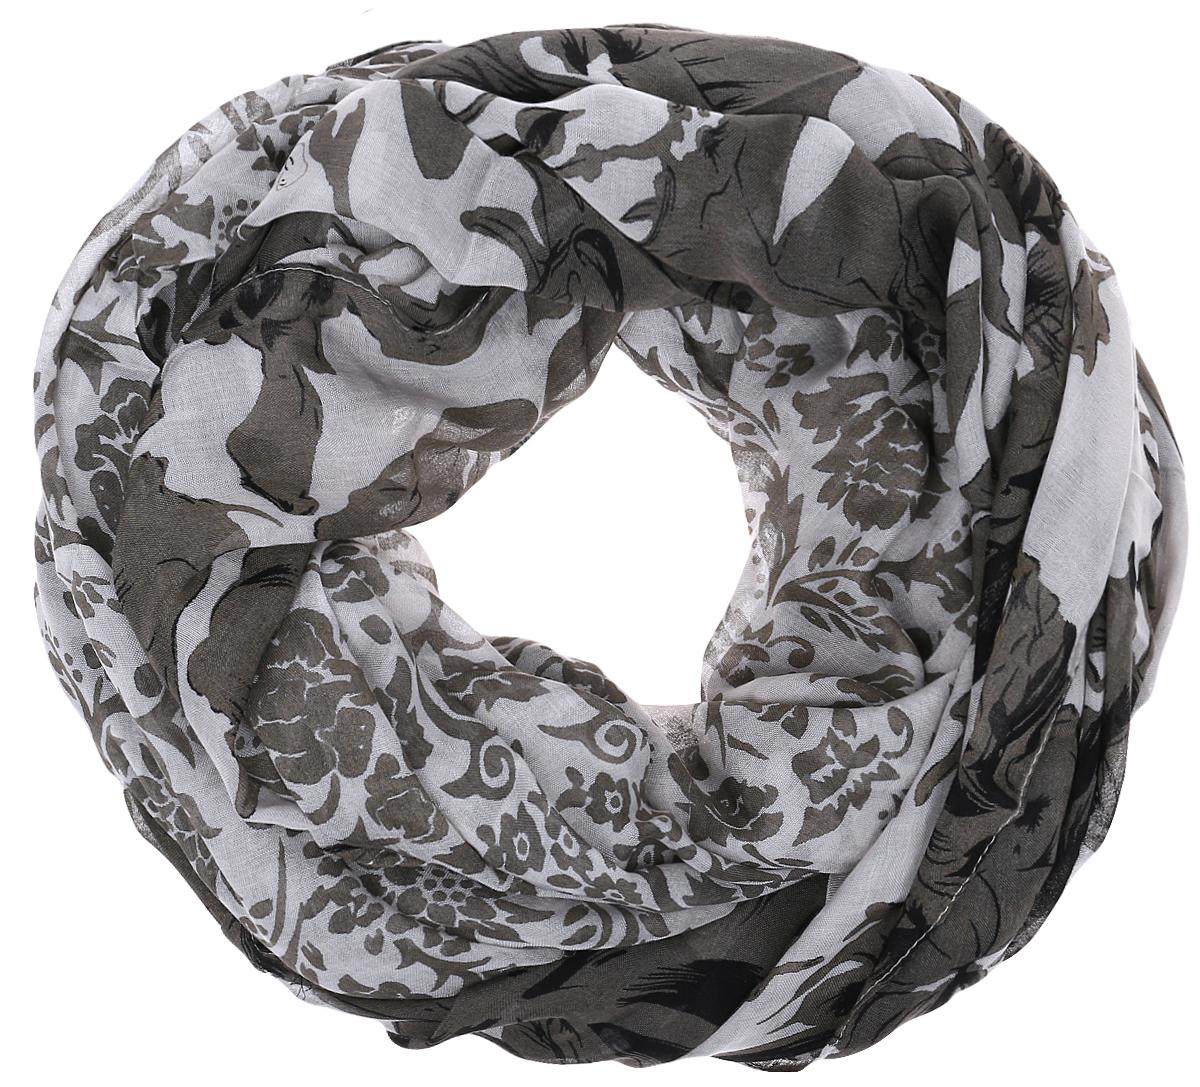 Палантин Sophie Ramage, цвет: серый, темно-серый. YY-21605-22. Размер 100 см х 200 смYY-21605-22Элегантный палантин Sophie Ramage станет достойным завершением вашего образа. Палантин изготовлен из 100% модала, что придает изделию мягкость и легкость. Оформлена модель оригинальным цветочным принтом. Палантин красиво драпируется, он превосходно дополнит любой наряд и подчеркнет ваш изысканный вкус. Легкий и изящный палантин привнесет в ваш образ утонченность и шарм.